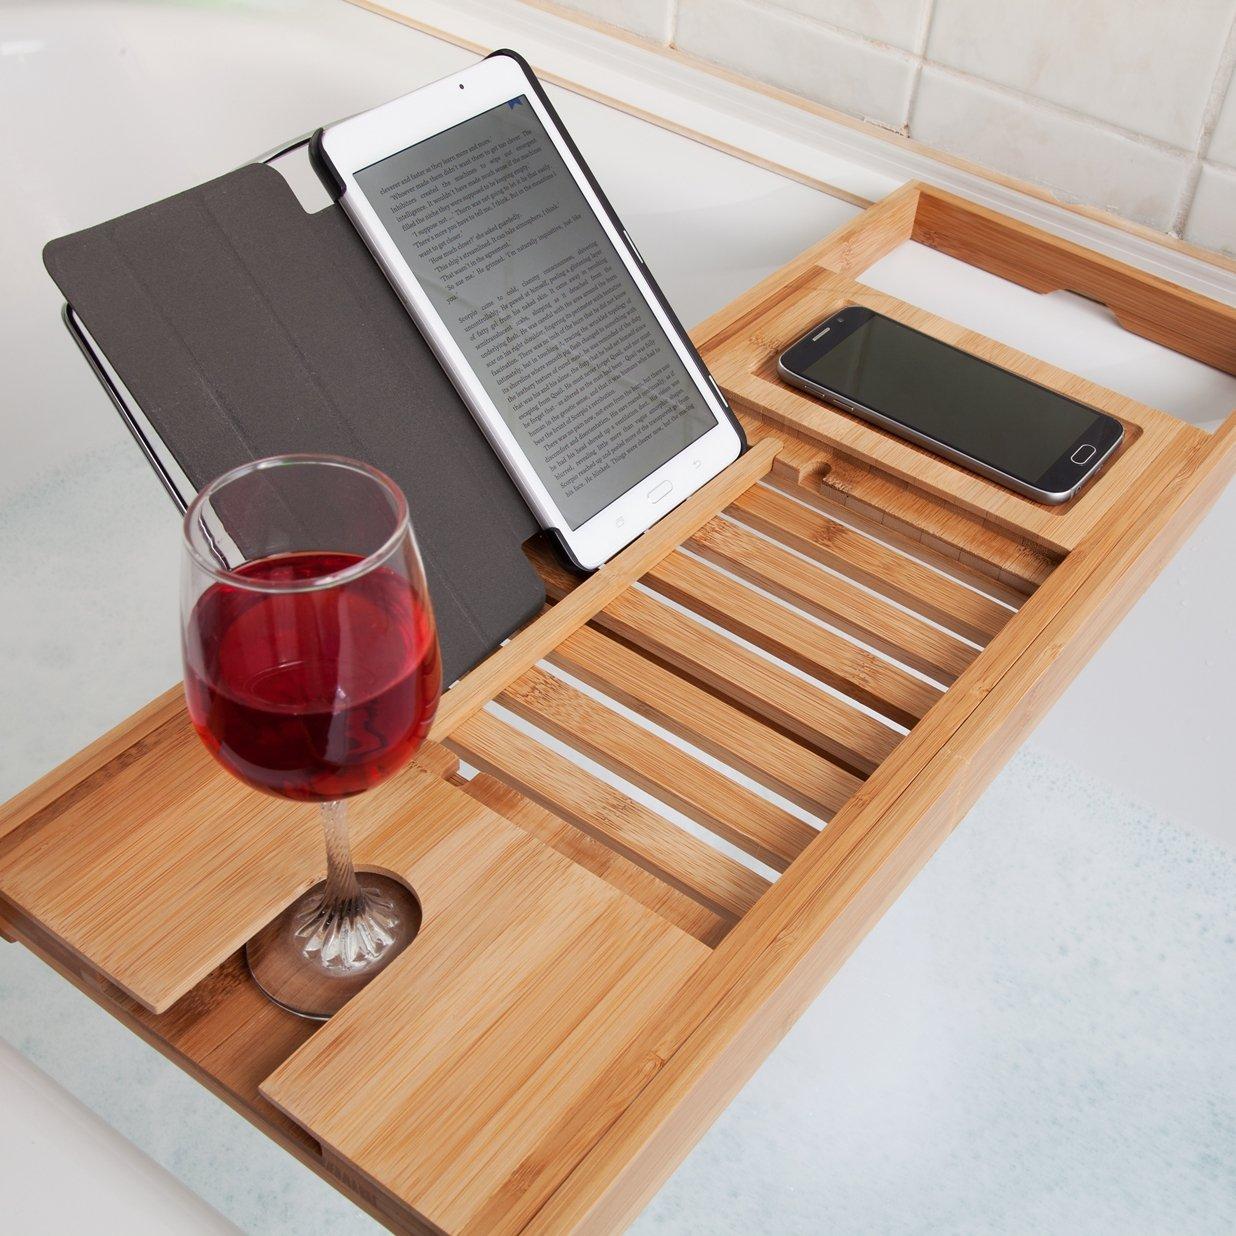 pont de baignoire bois et bambou test avis et prix petite salle de bain. Black Bedroom Furniture Sets. Home Design Ideas